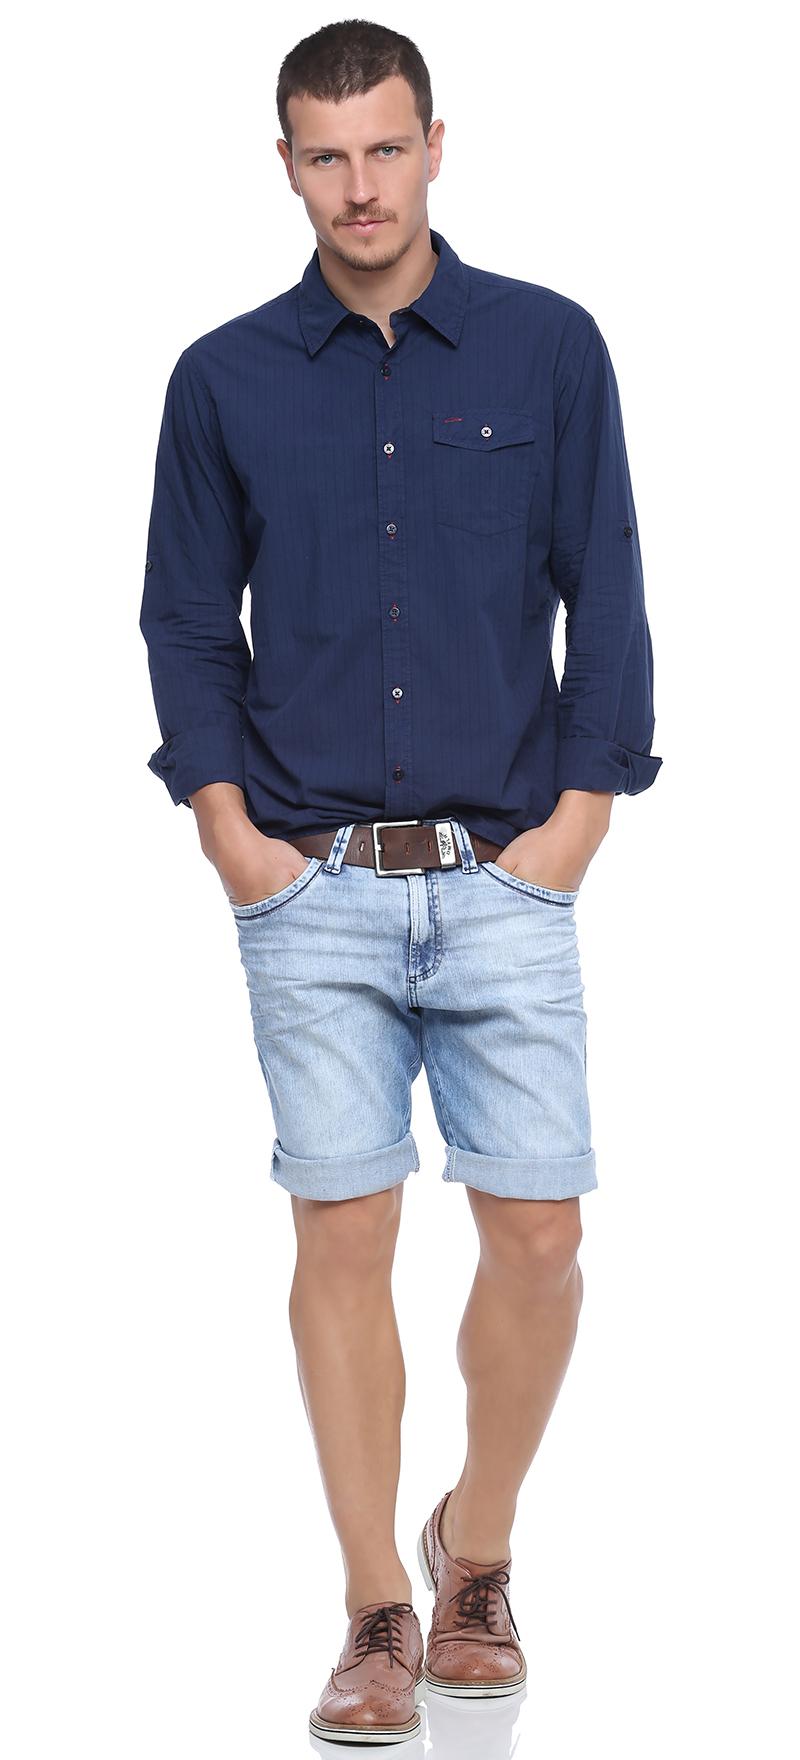 cinto-masculino-damyller-look2